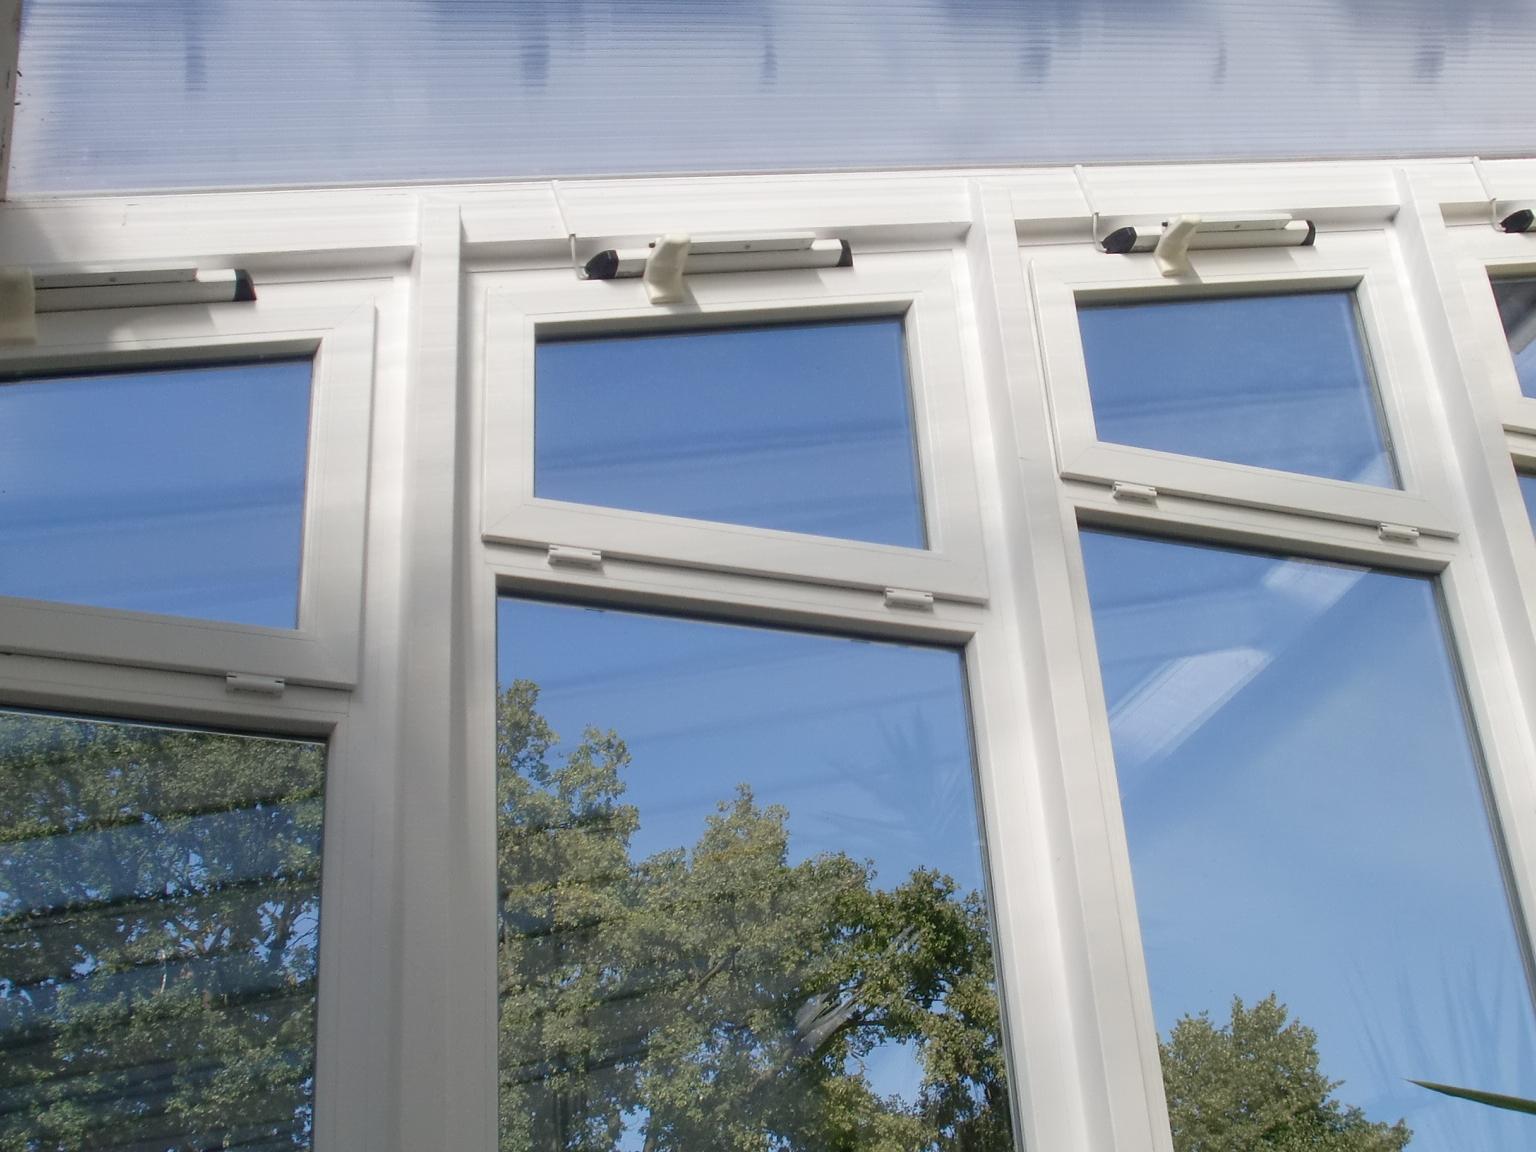 Full Size of Fenster Veka Softline 70 Mm Rolladen Nachträglich Einbauen Einbruchsicher Sonnenschutzfolie Rundes Sonnenschutz Tauschen Sichtschutzfolie Einseitig Fenster Fenster Veka